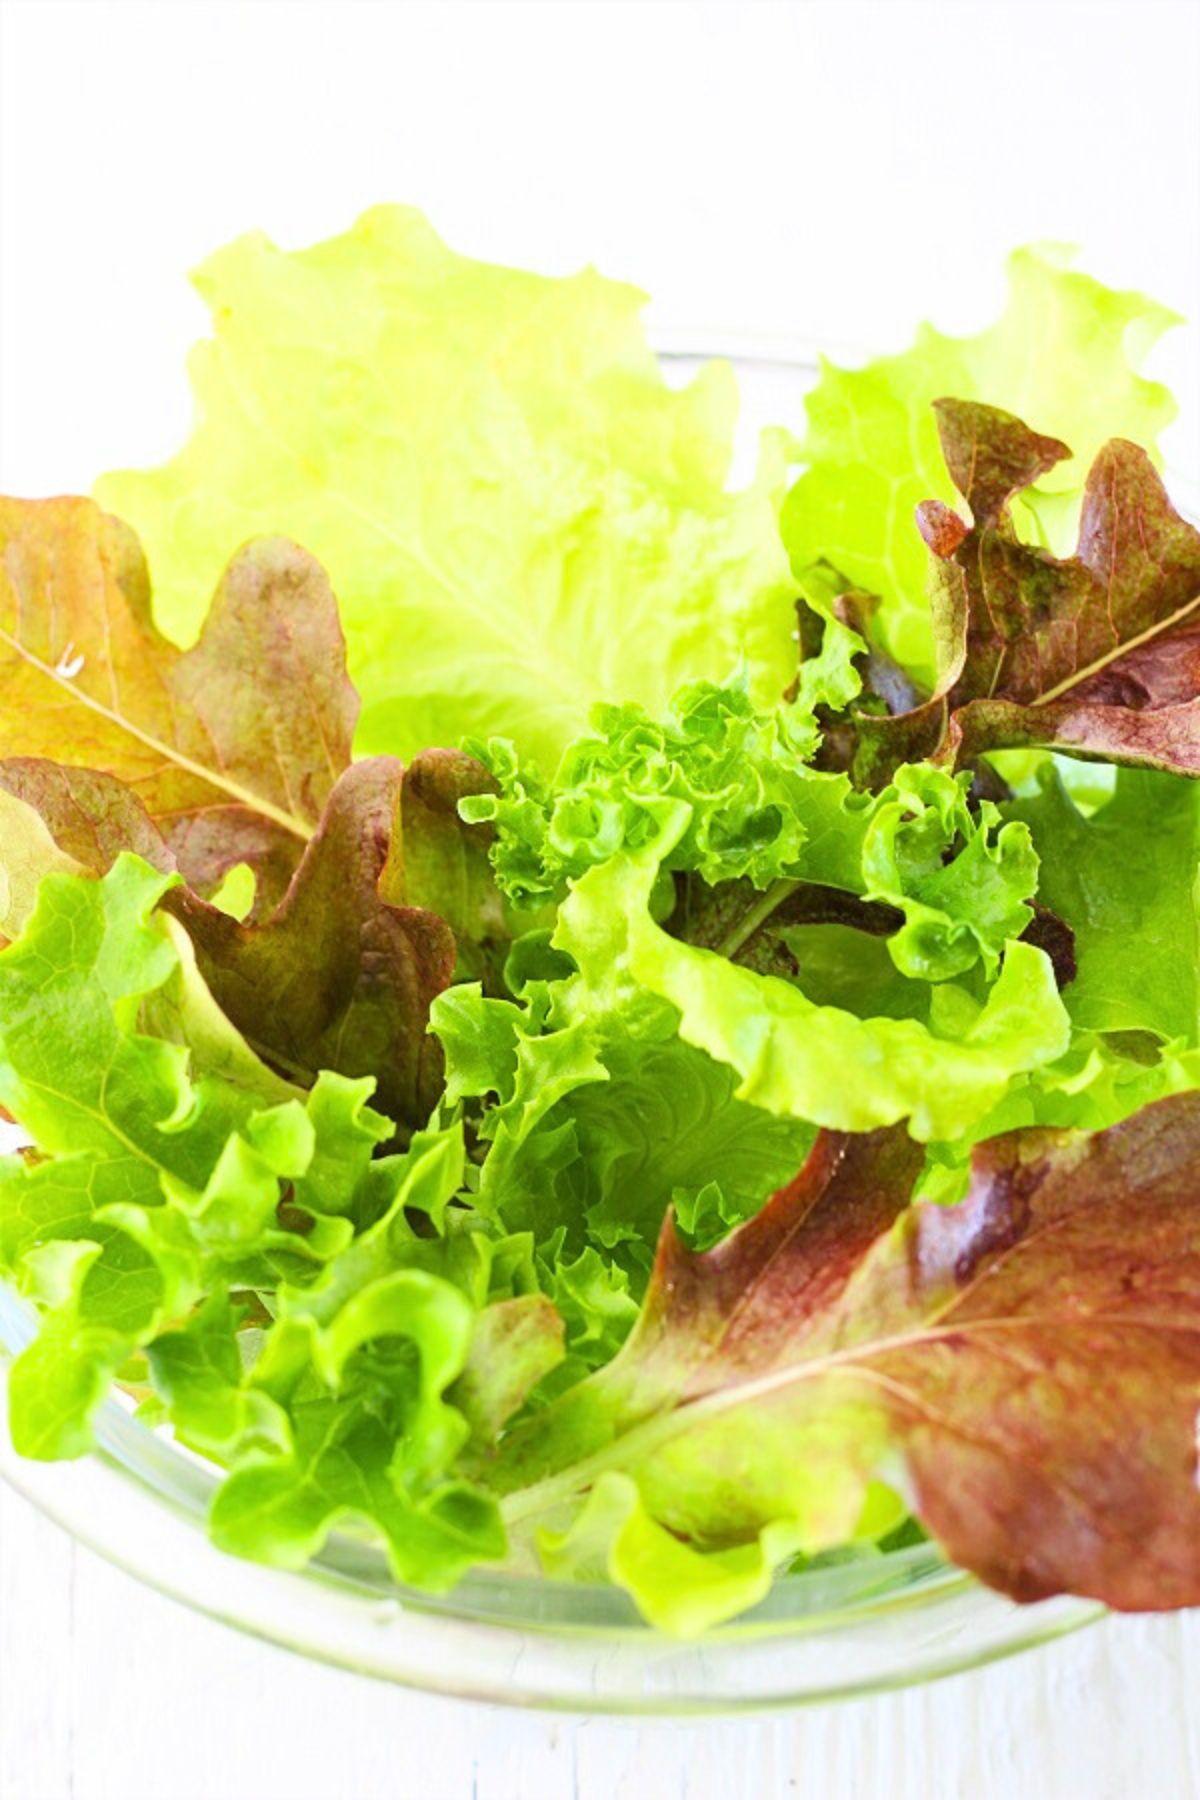 bowl of mesclun salad greens